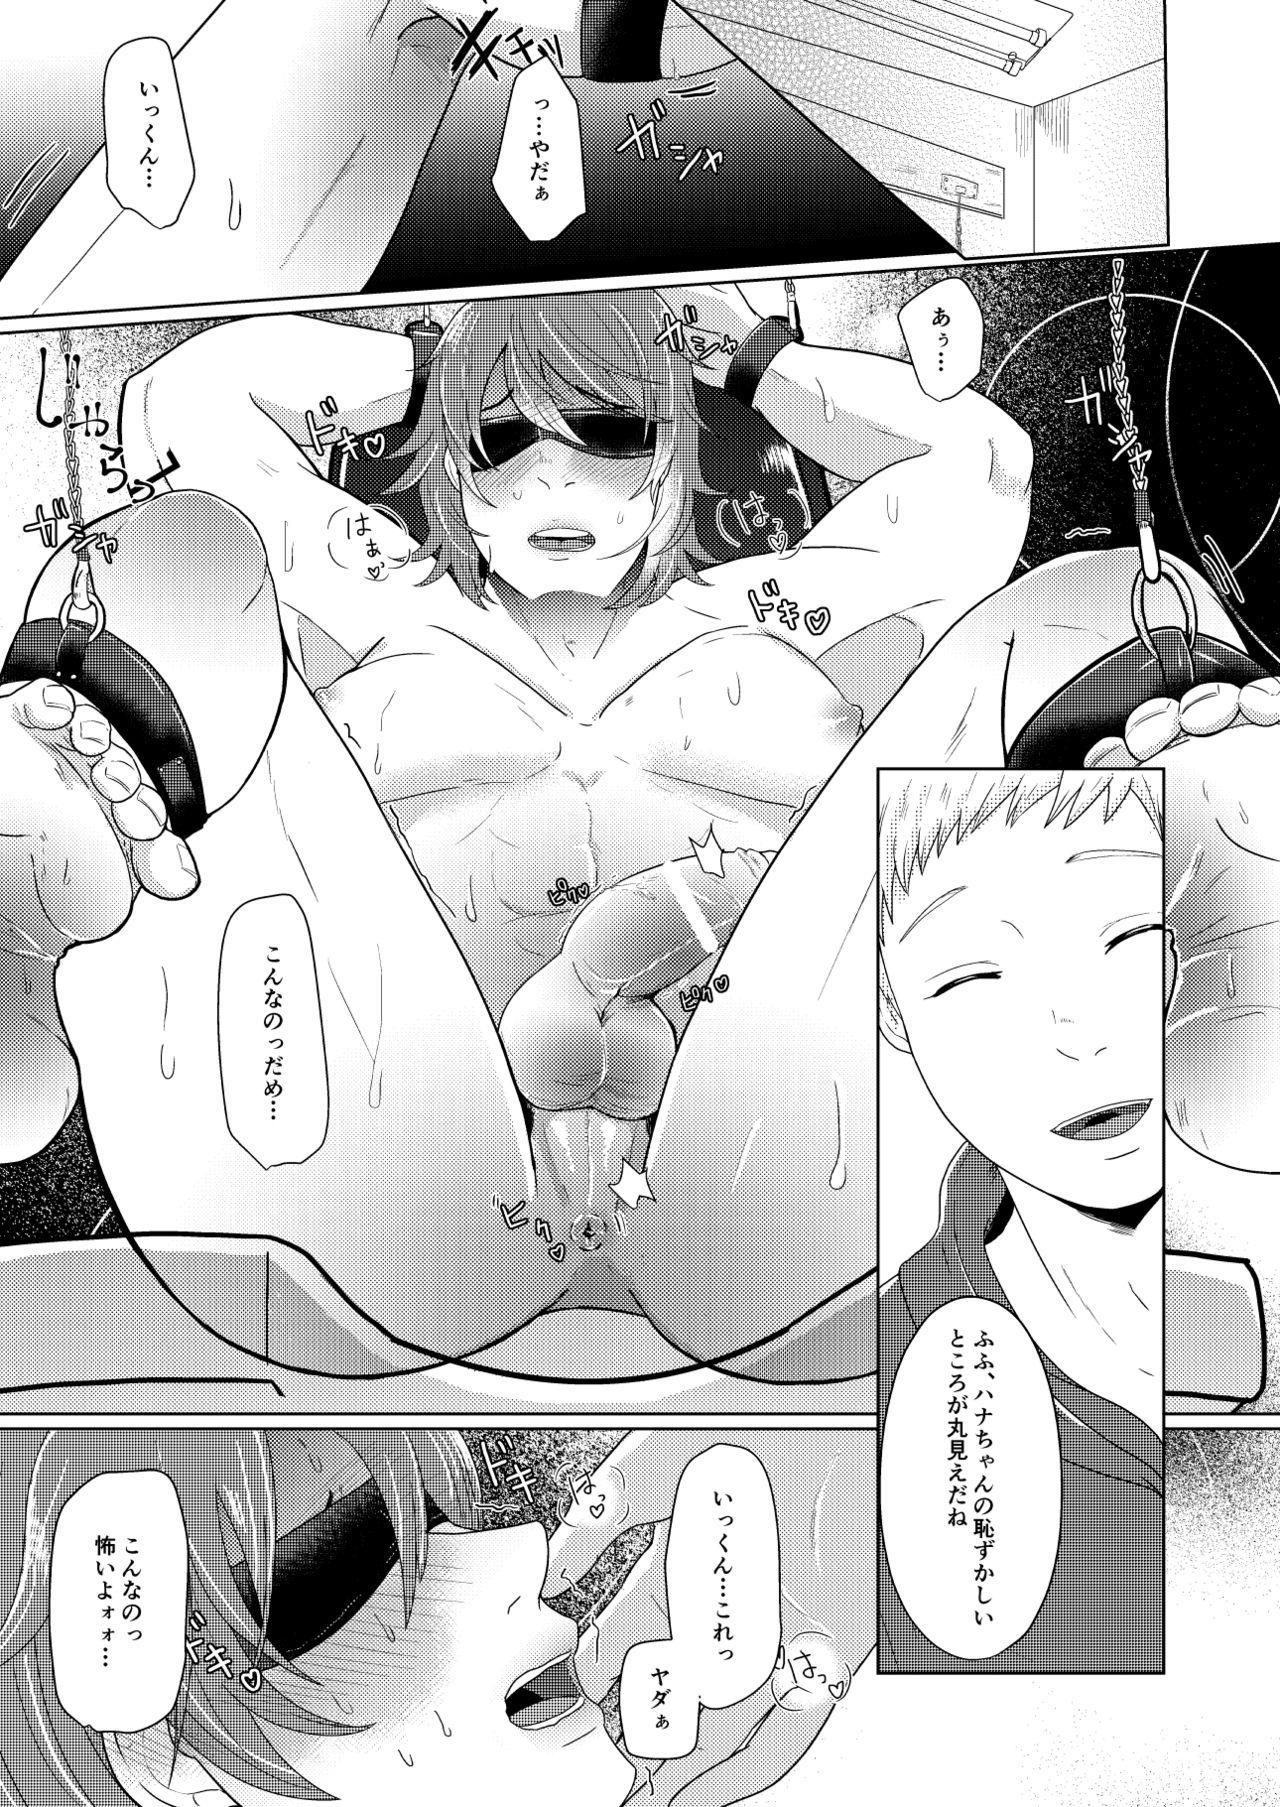 SM調教漫画⑤公開調編+α 4